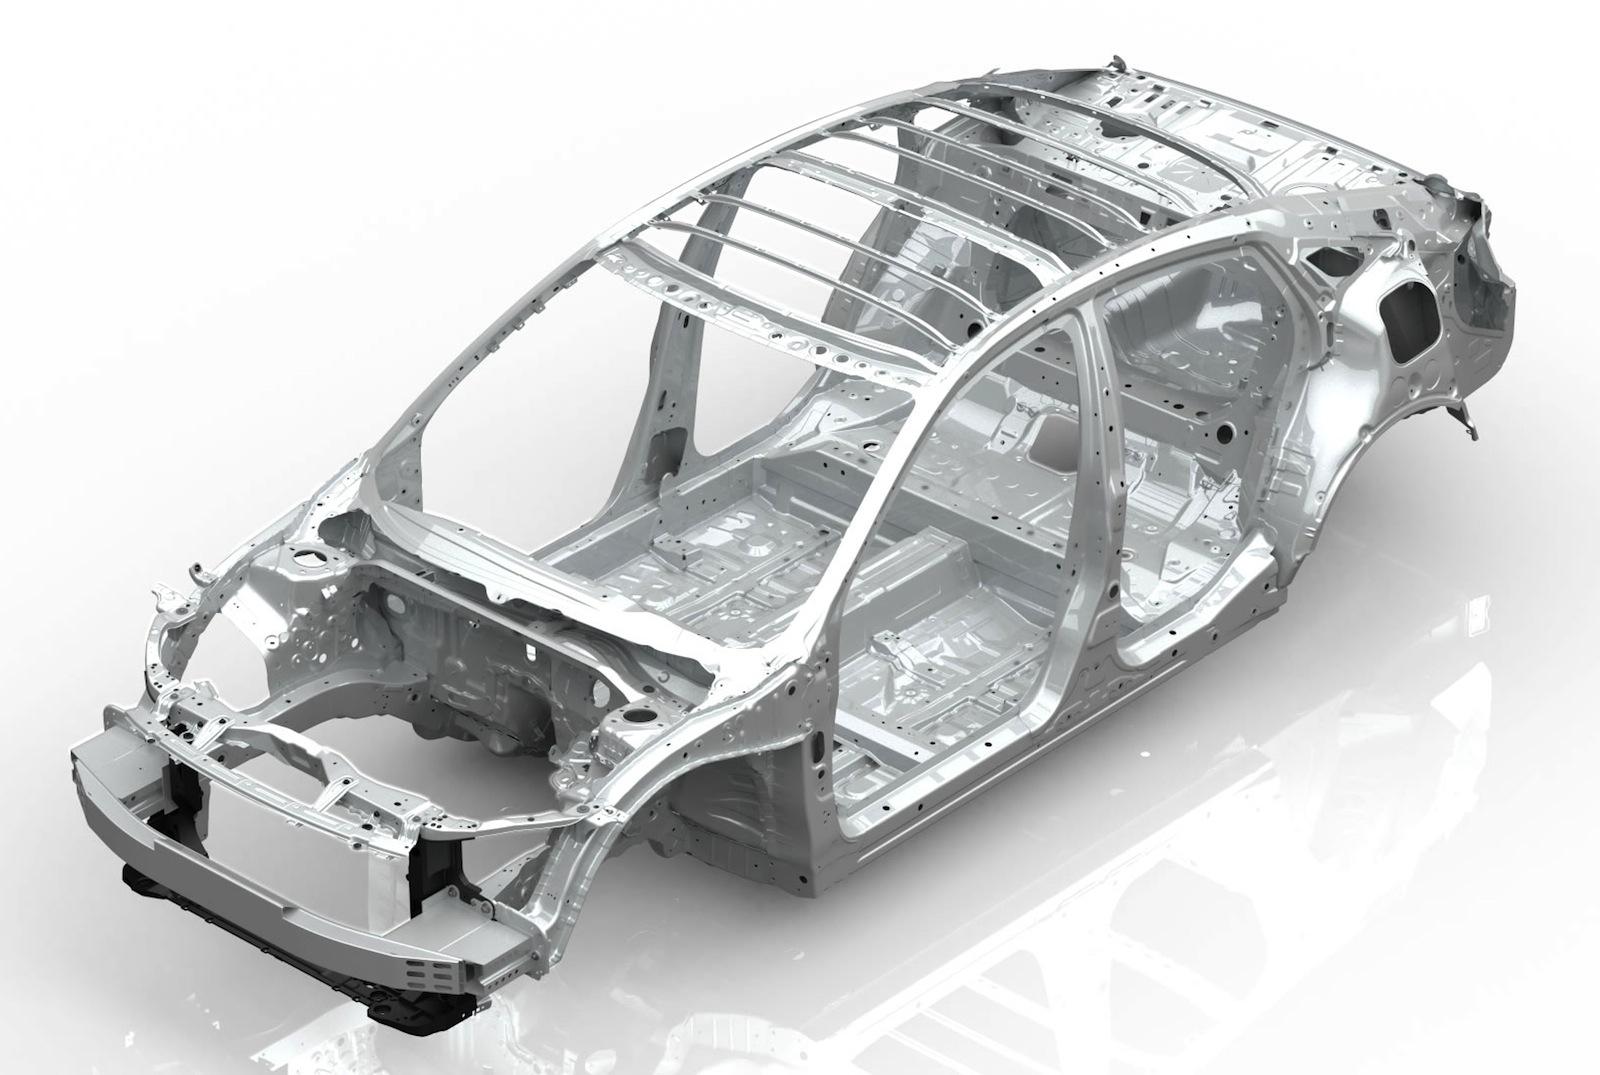 Yeni Honda Civic Amerika fiyatları açıklandı - Sekiz Silindir